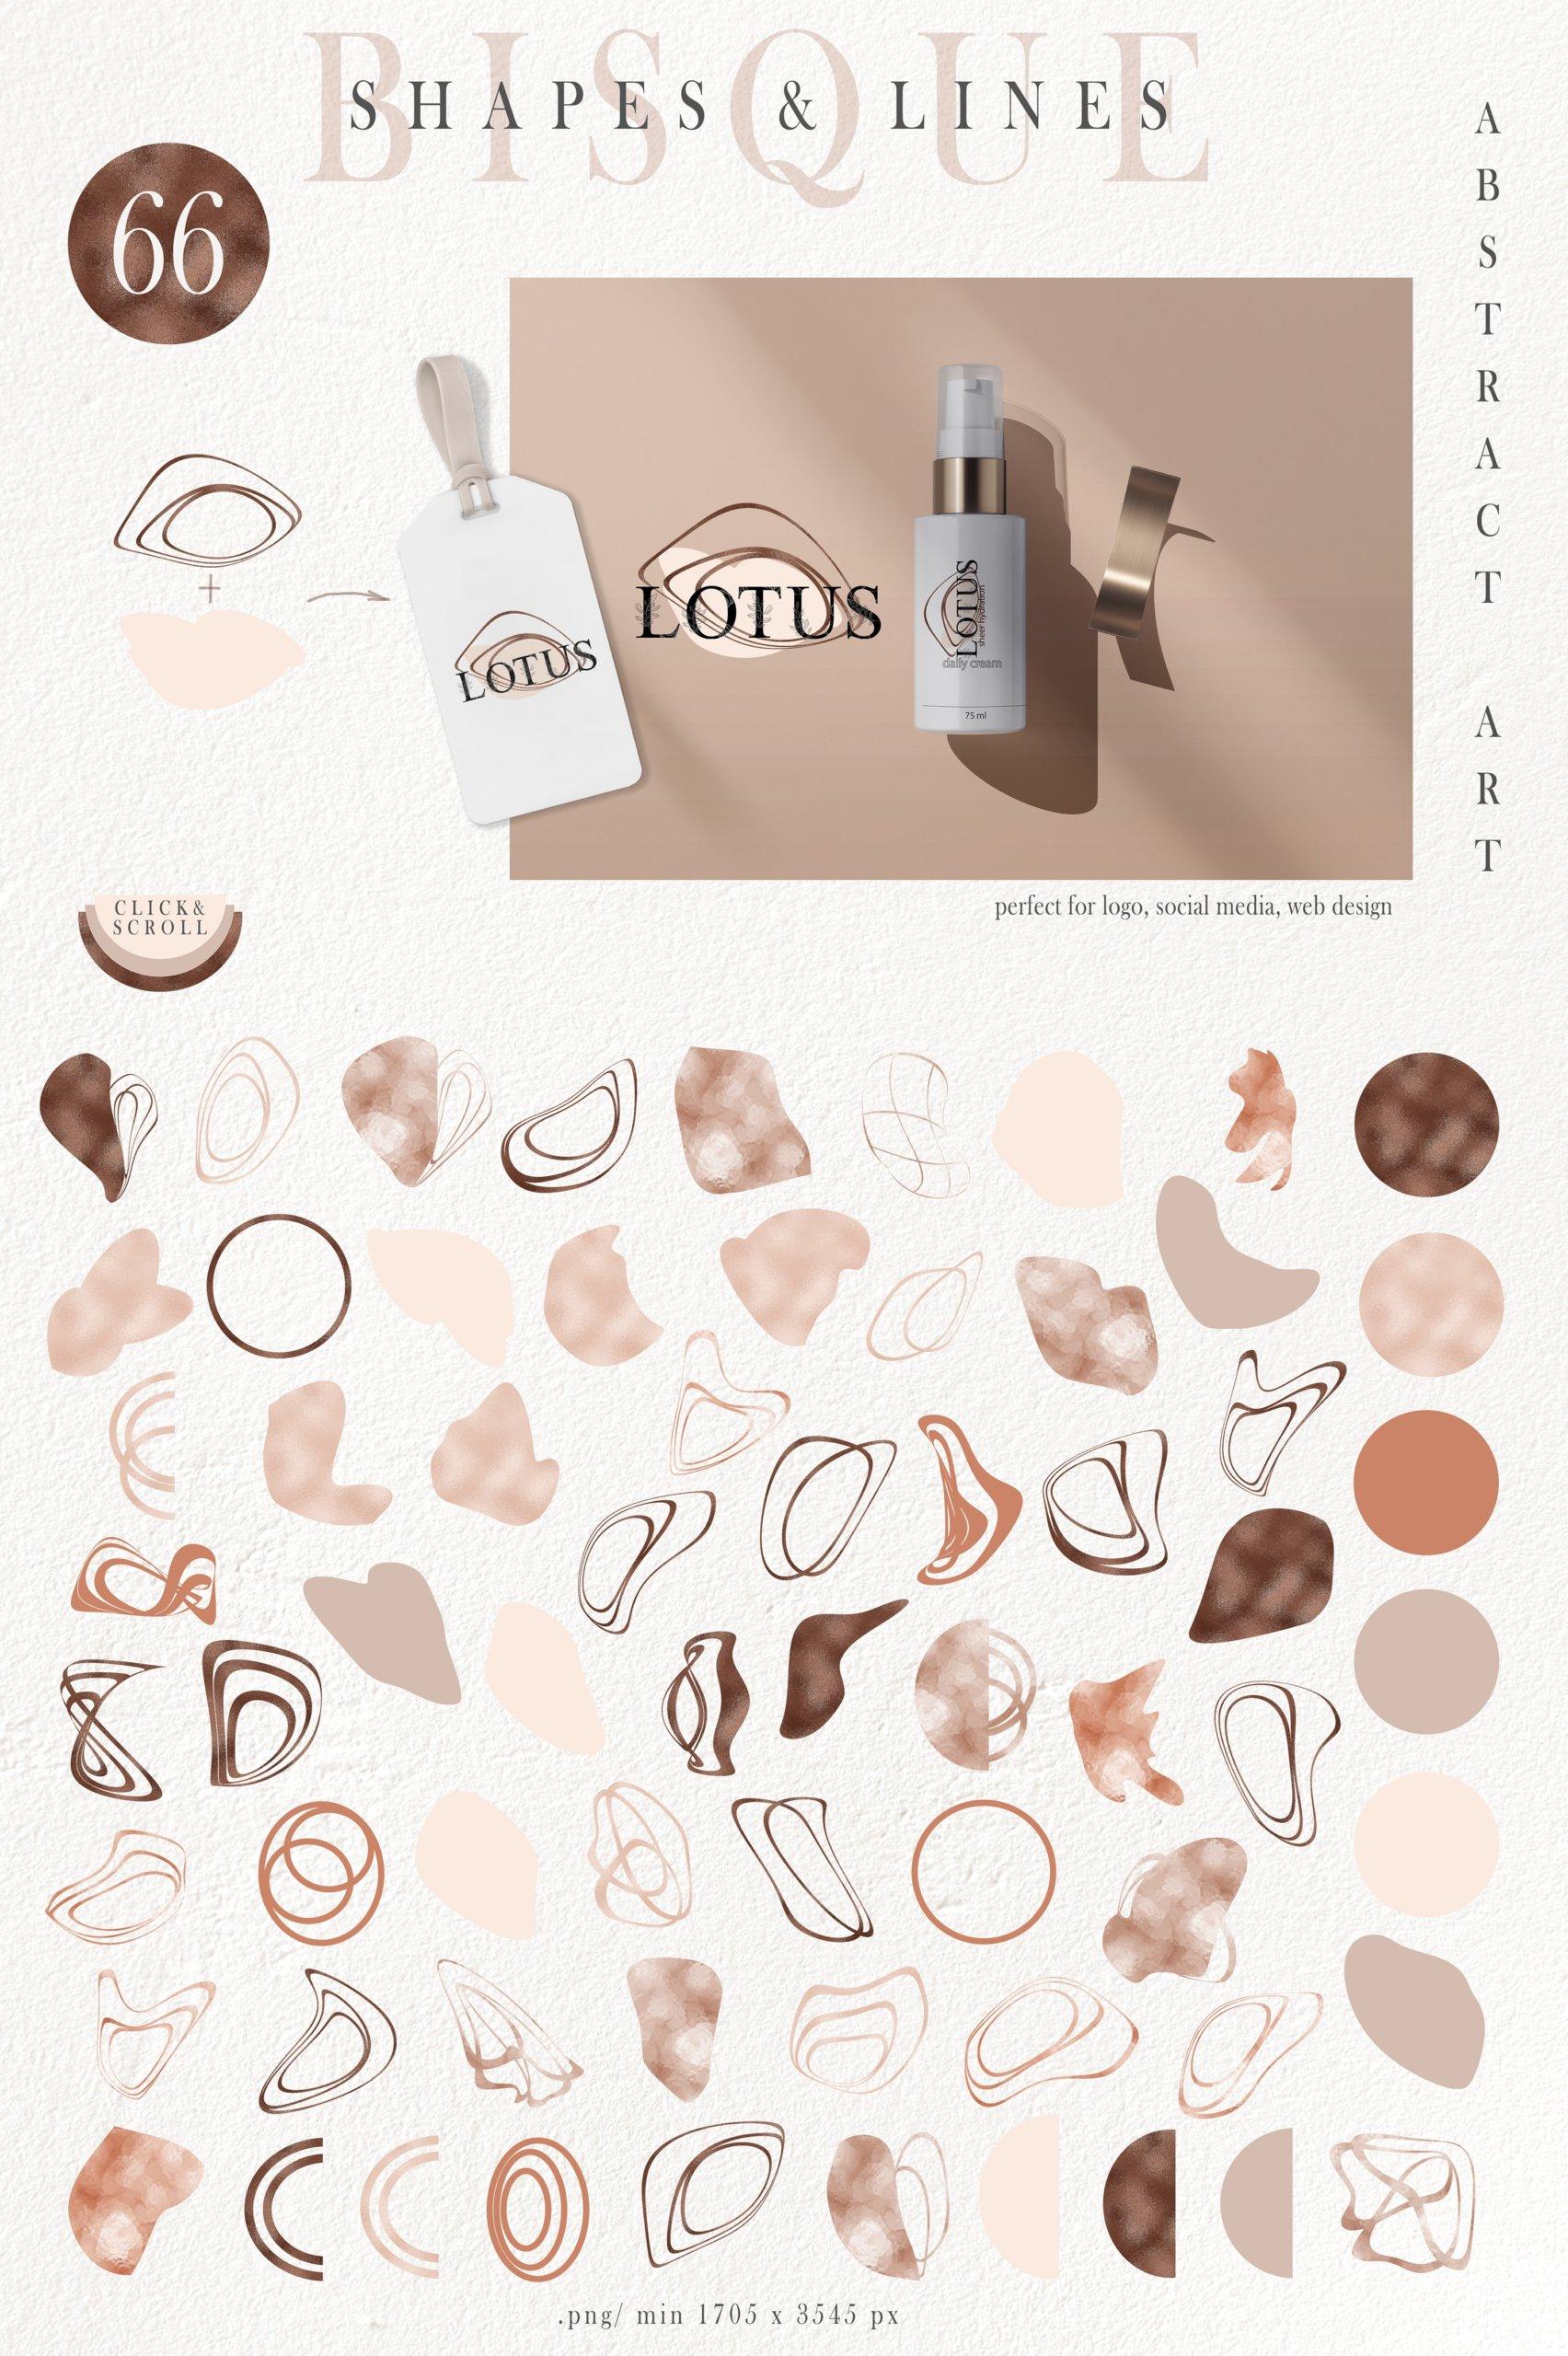 抽象巧克力奶油线条图形符号字母PNG透明背景图片设计素材 Abstract Shapes, Line Art, Alphabet插图3